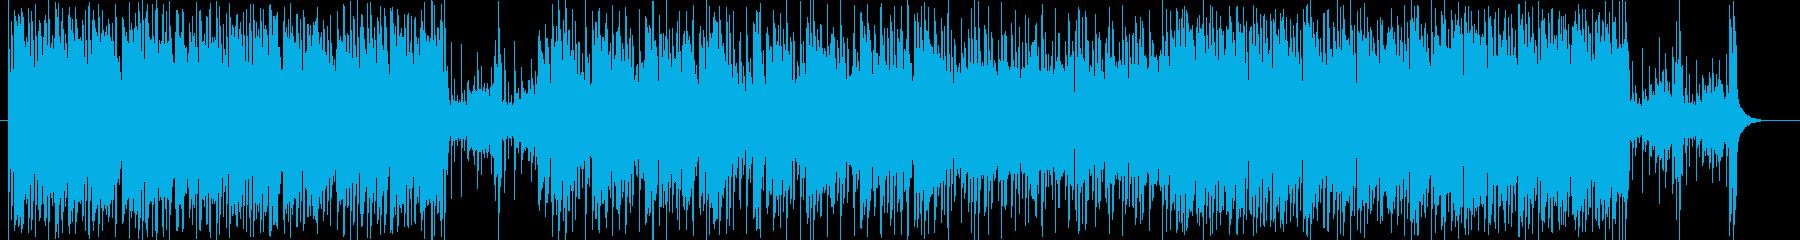 軽快で爽やかなアップテンポ・ポップの再生済みの波形